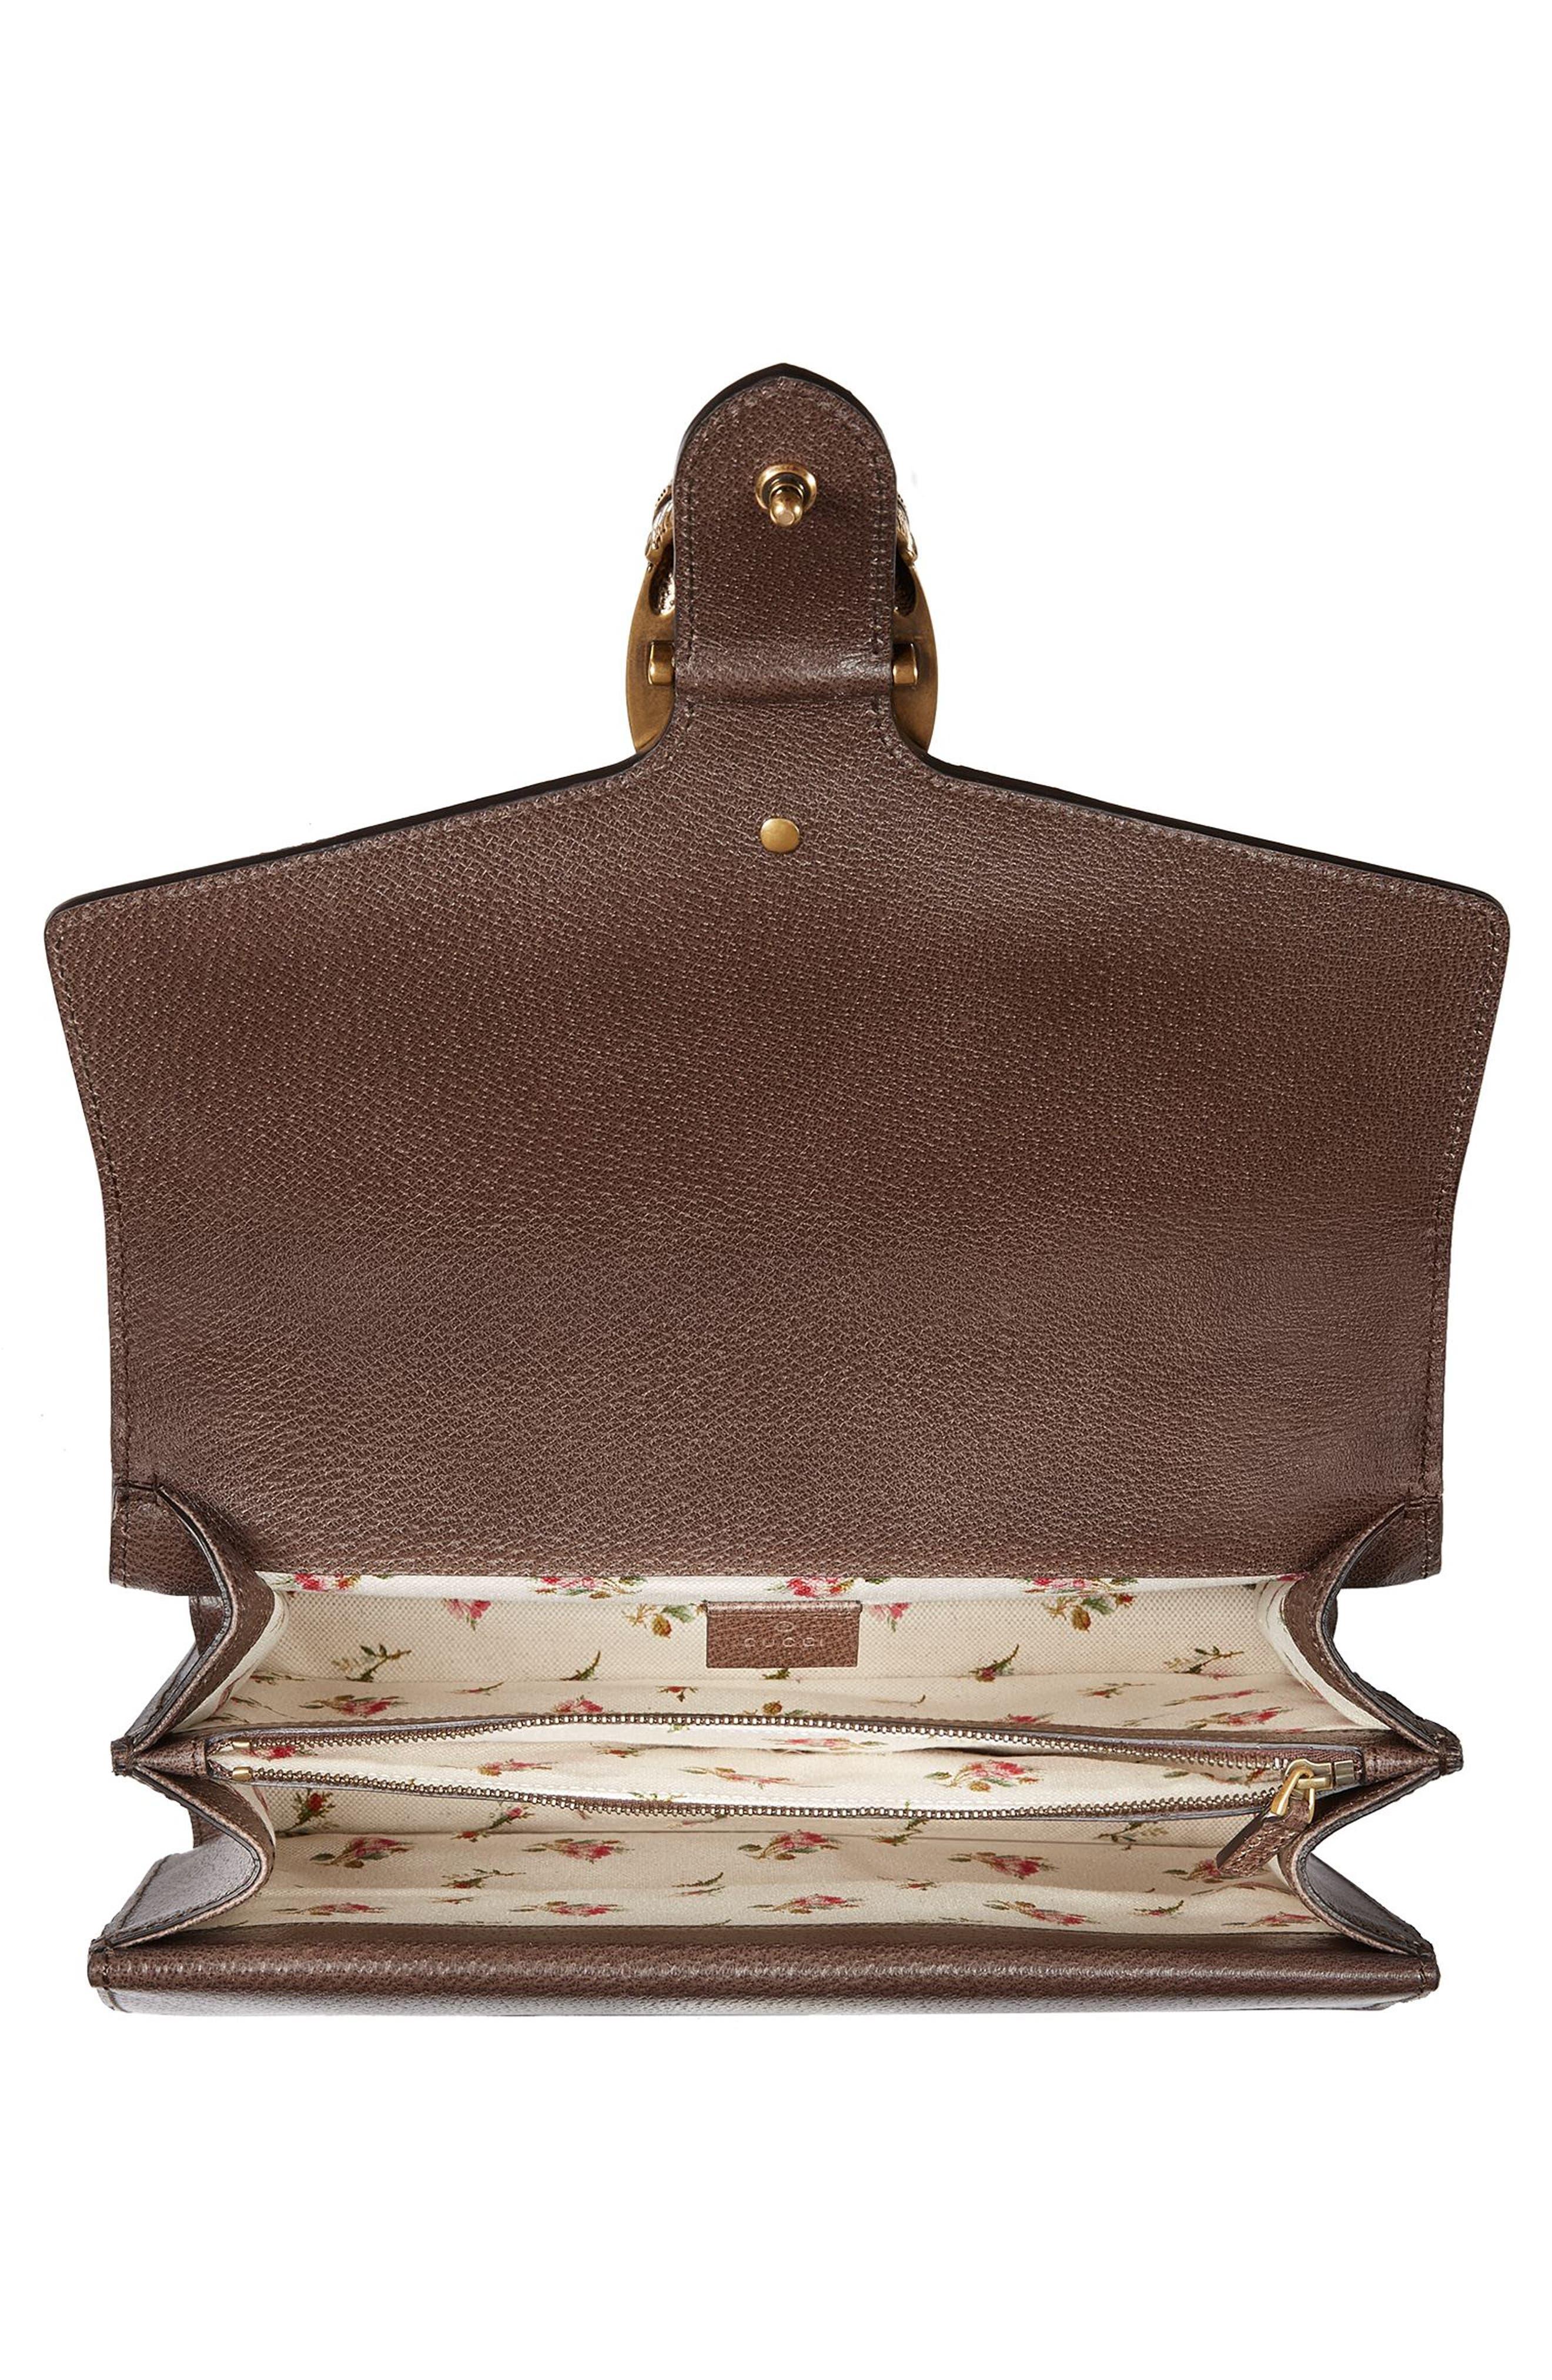 Medium Dionysus Embroidered Leather Shoulder Bag,                             Alternate thumbnail 3, color,                             031